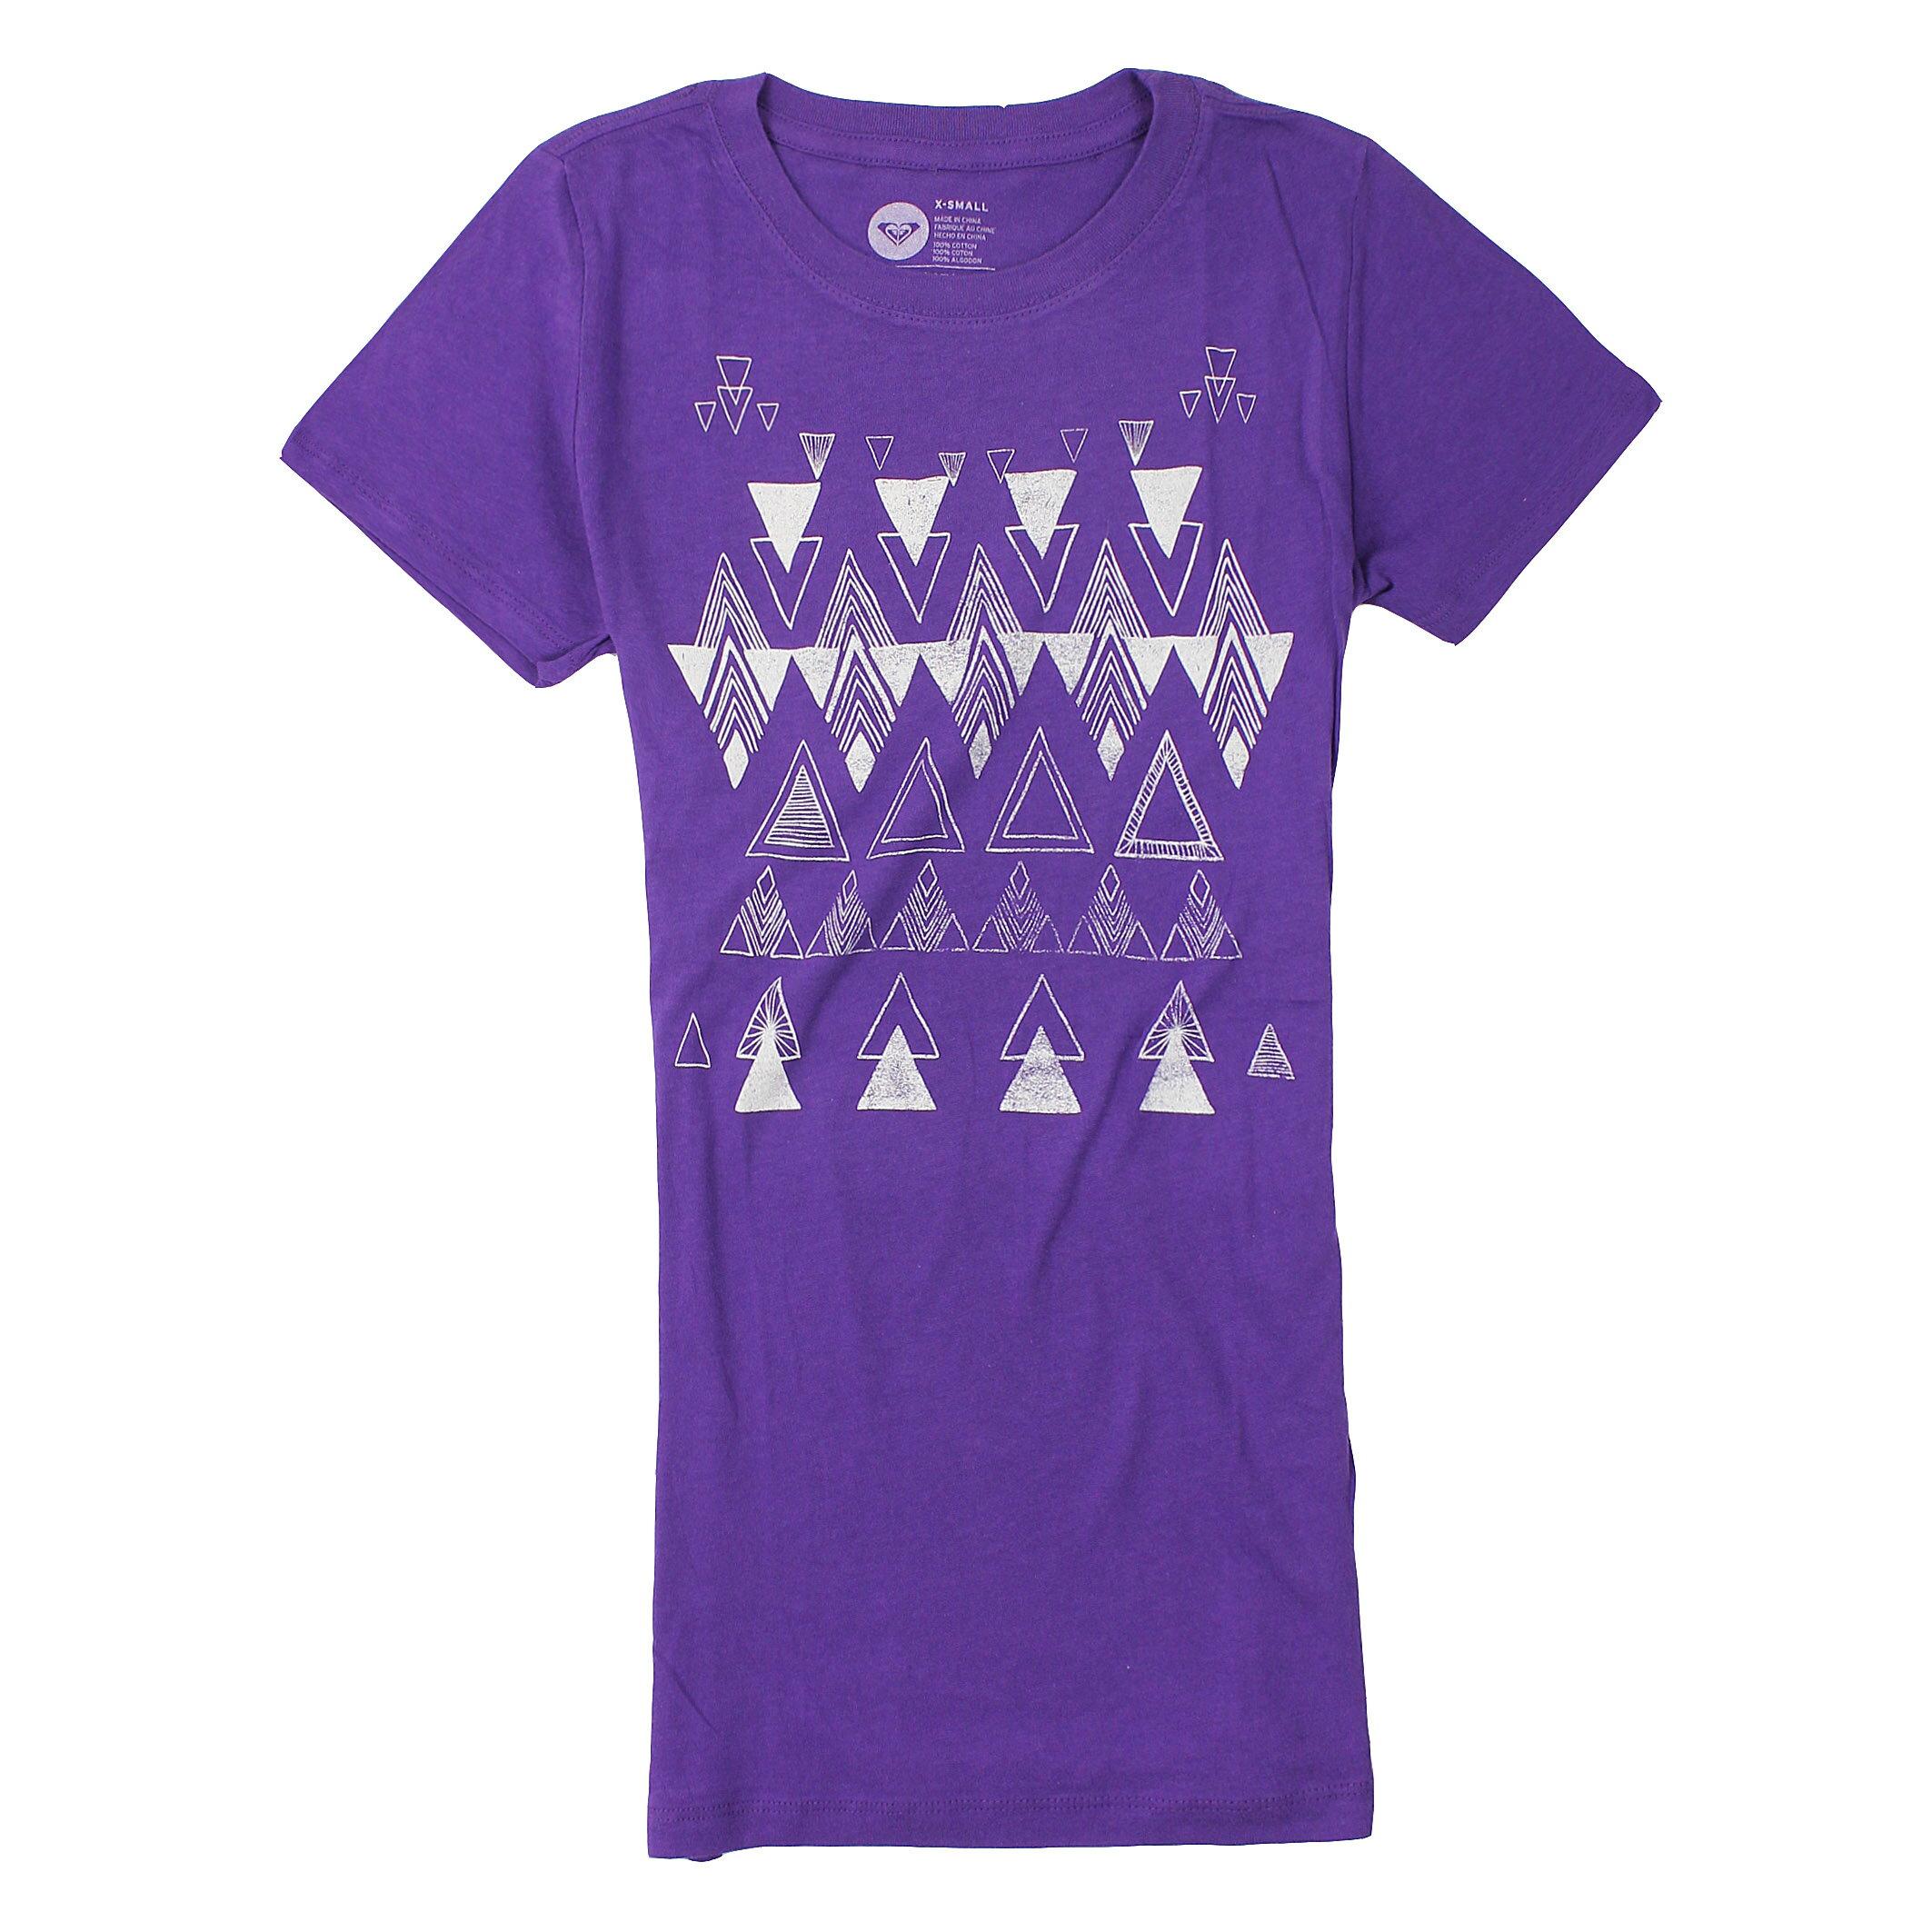 美國百分百【全新真品】Roxy T恤 短袖 上衣 T-shirt Logo 紫色 春夏 幾何 Logo 純棉 修身 女 XS S